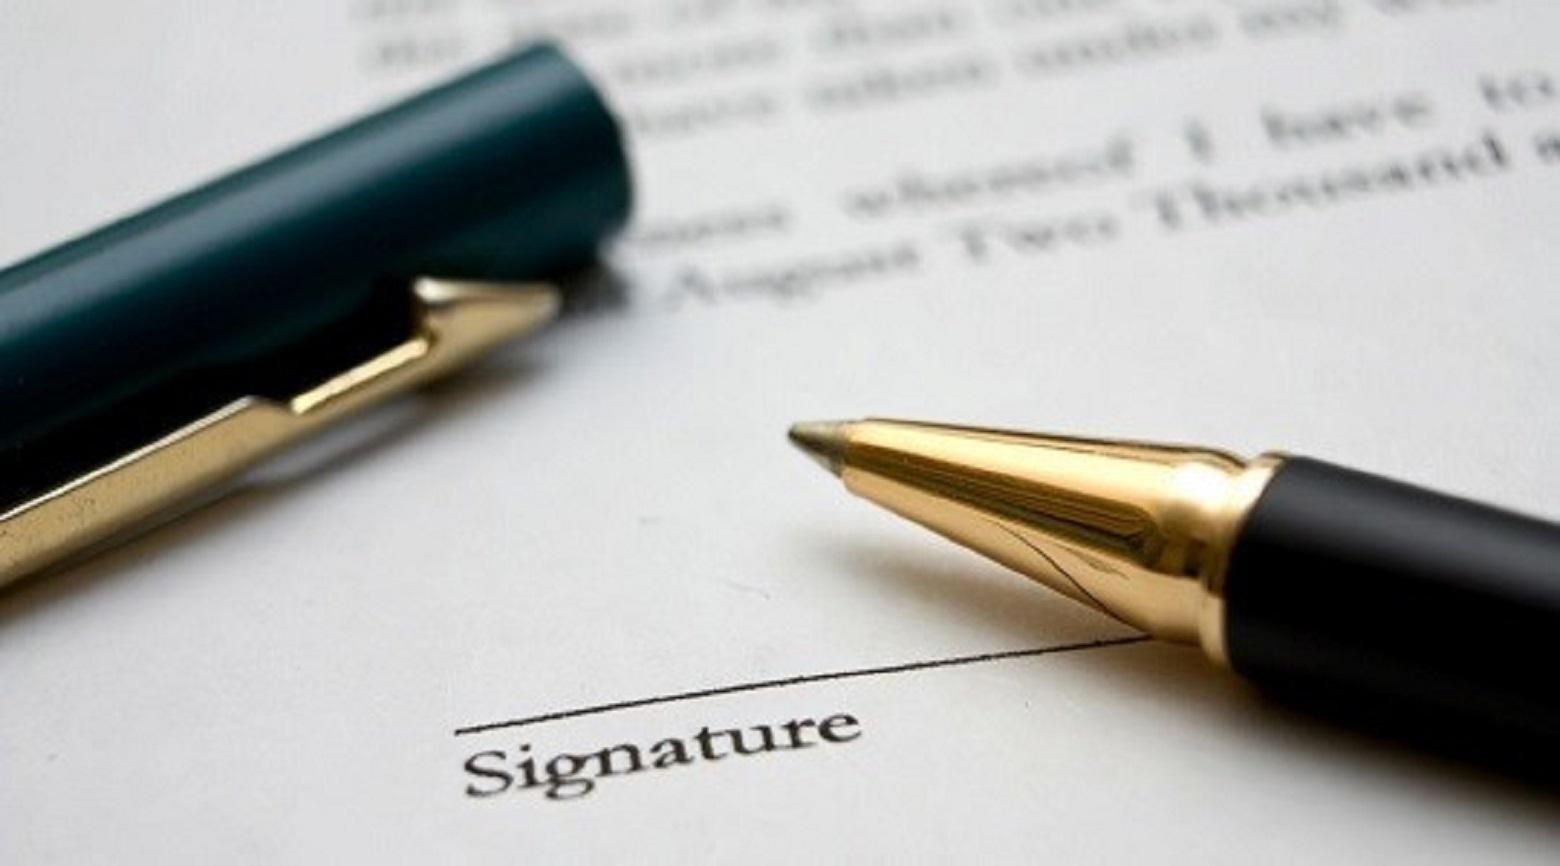 Πρώτες σκέψεις για το σύμφωνο συμβίωσης – γράφει ο Νίκος Τσοκανάς